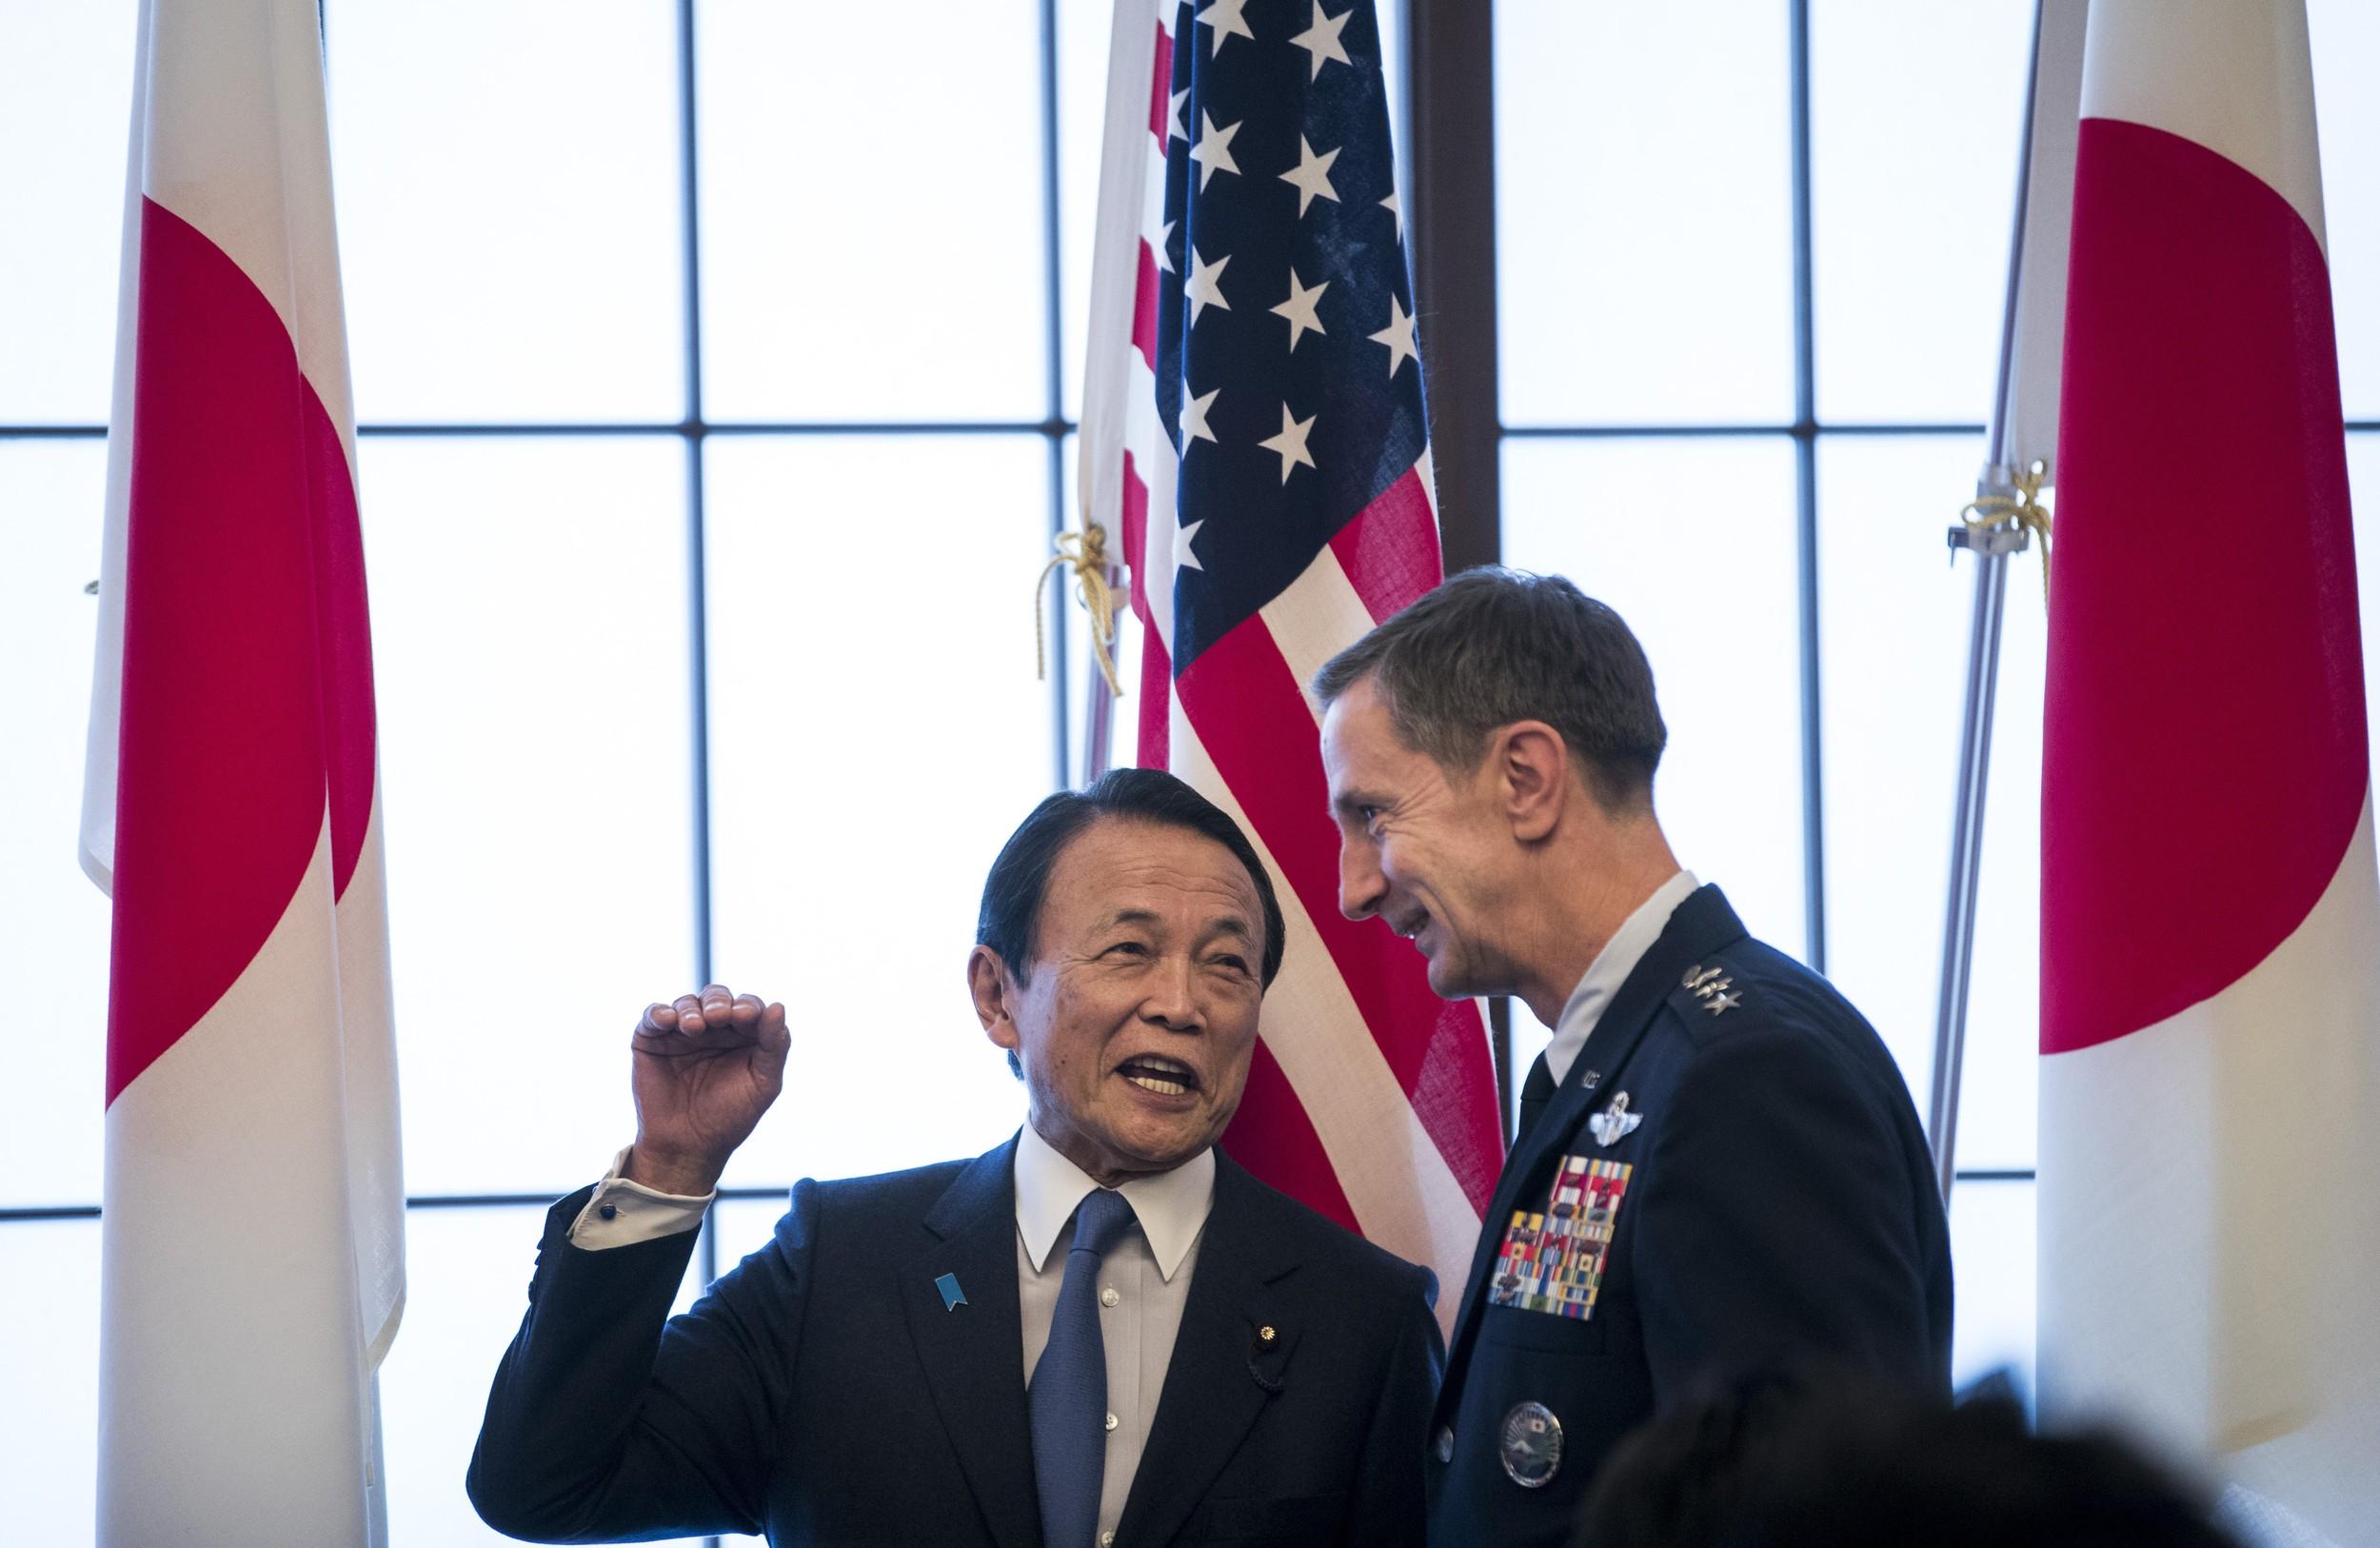 2020年1月19日驻日美军司令施奈德(Kevin Schneider,右)和日本副首相麻生太郎(左)在纪念签订日美安保条约60周年的活动上。(美联社)